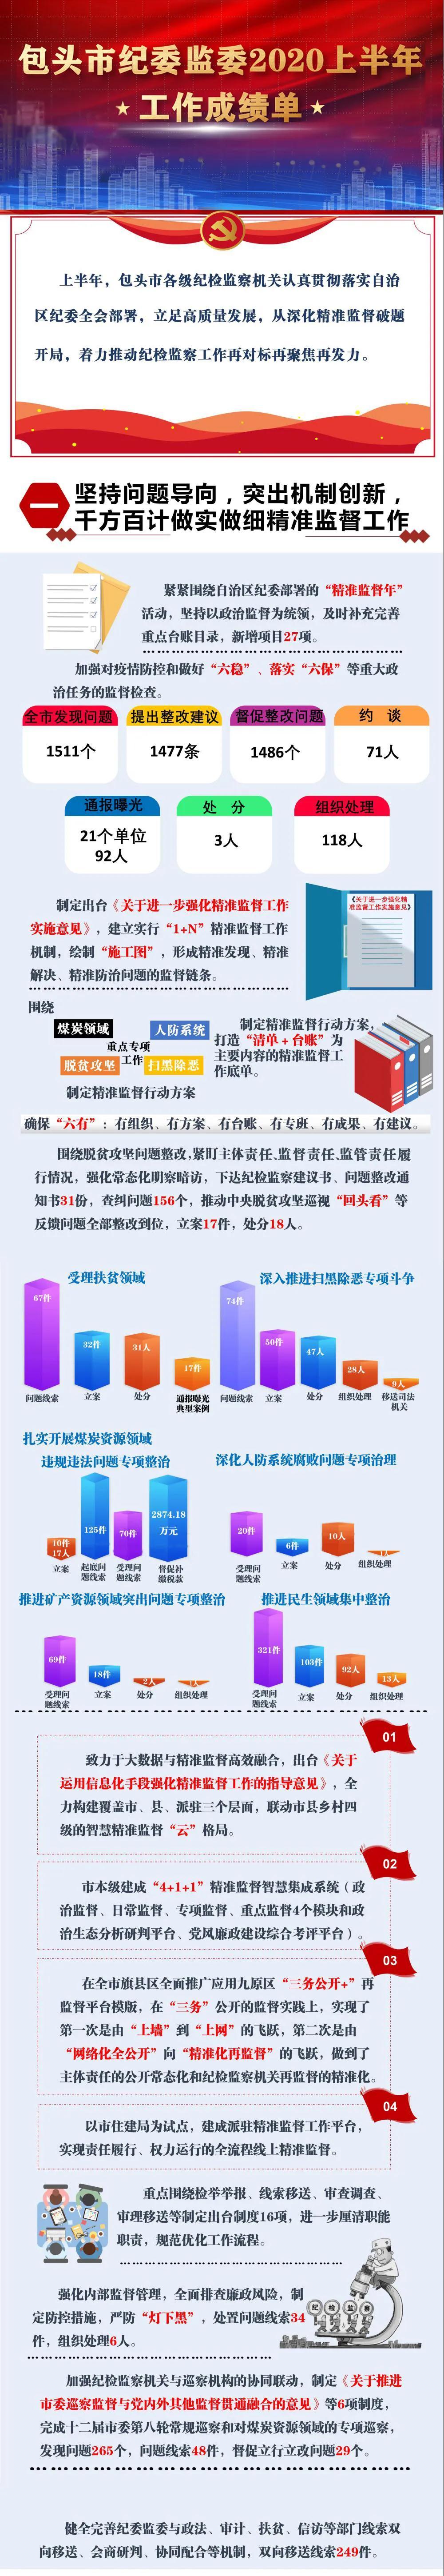 包亿兴app首页头市纪委监委2,亿兴app首页图片